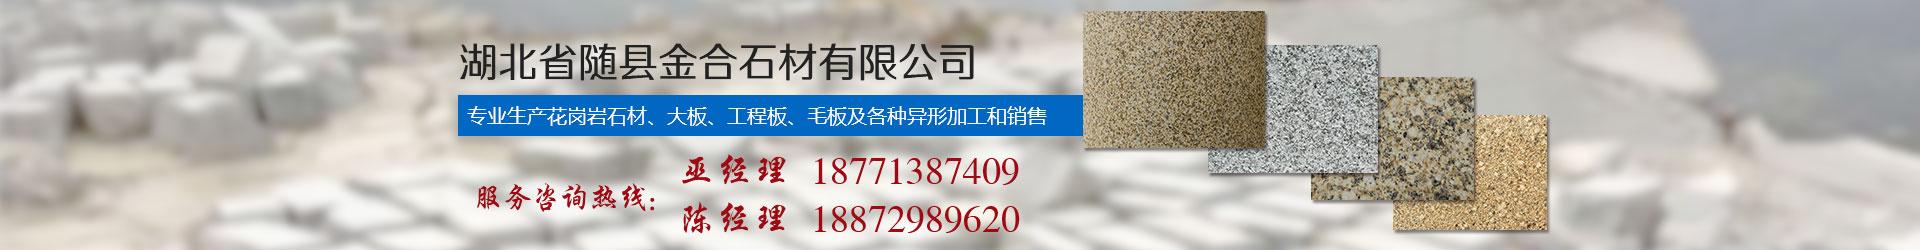 湖北省随县金合石材有限公司